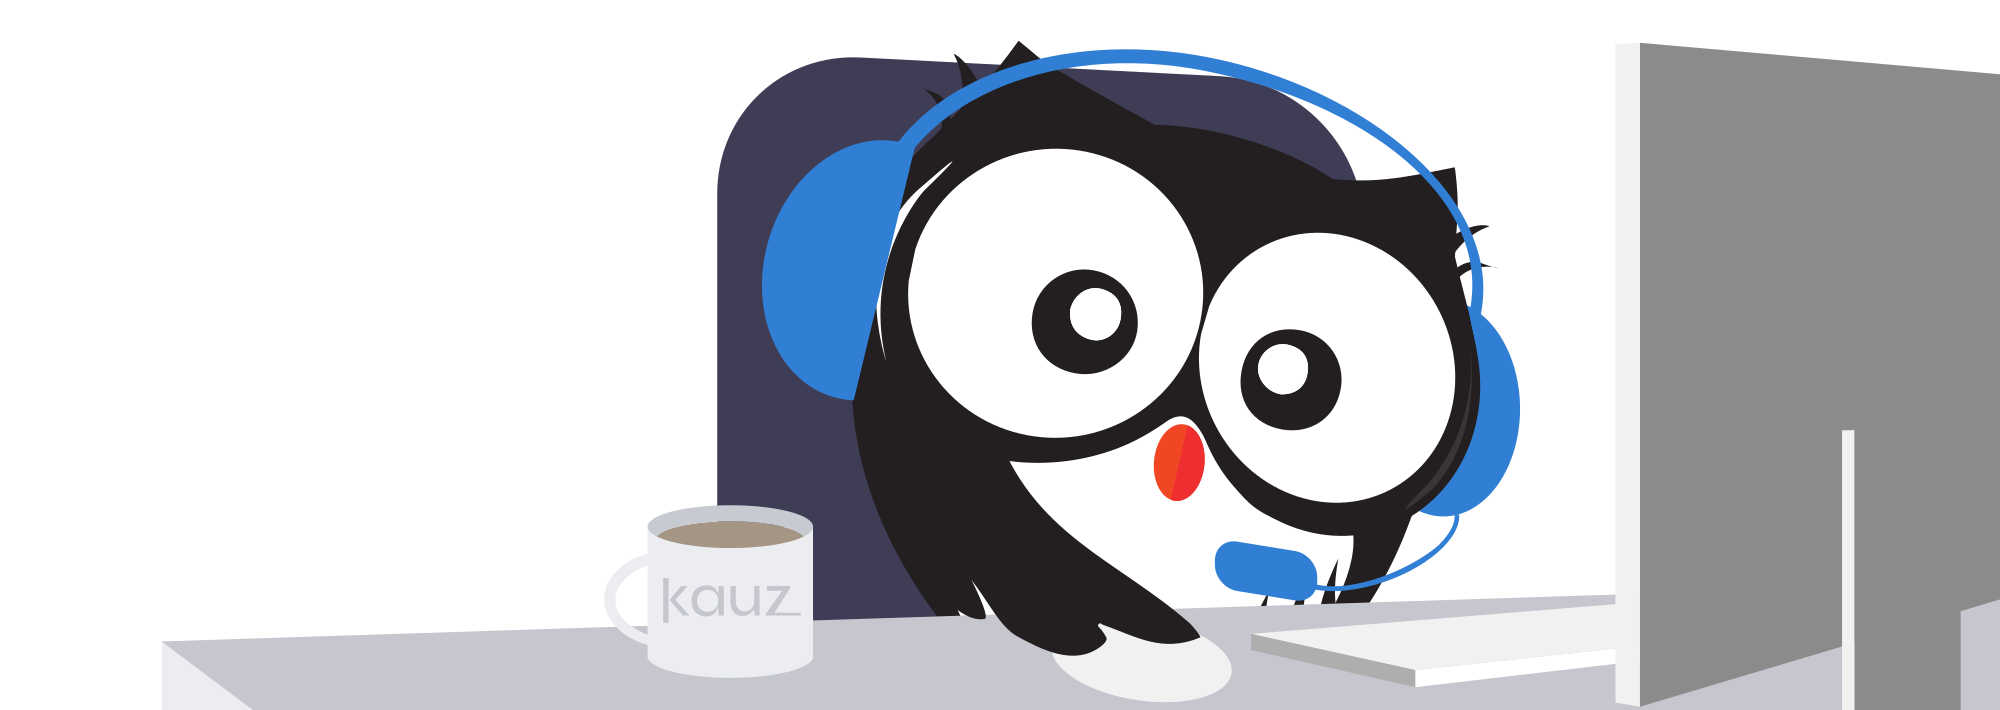 Chatbots im Kundenservice, Kauz mit Headset, Kauz Chatbots